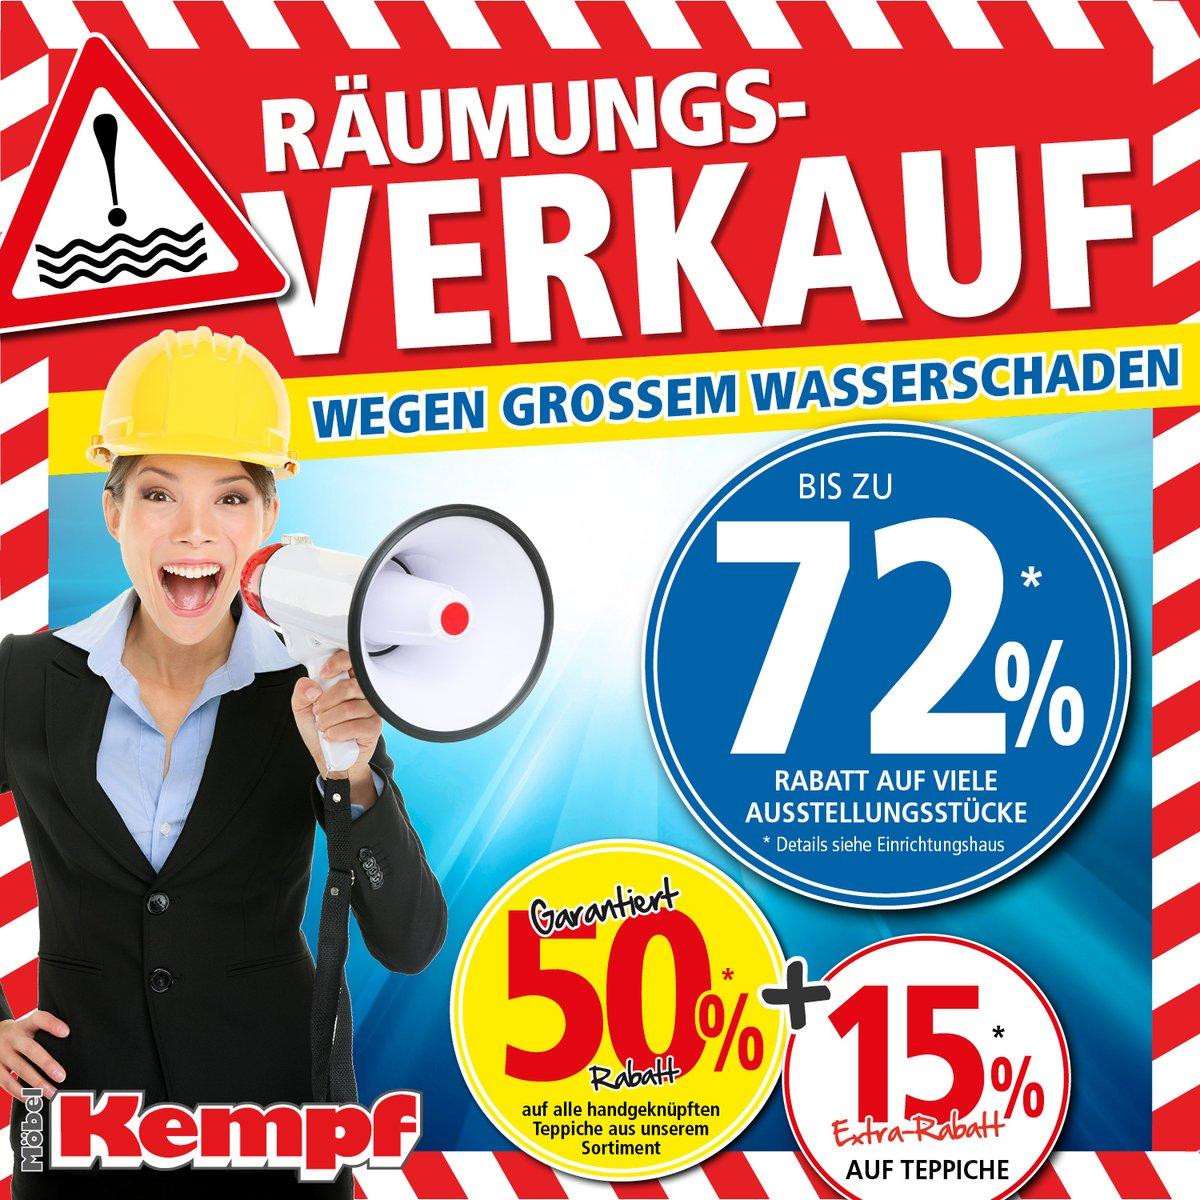 Riesiger Räumungsverkauf Mit Bis Zu 72 Rabatt Bei Möbel Kempf In